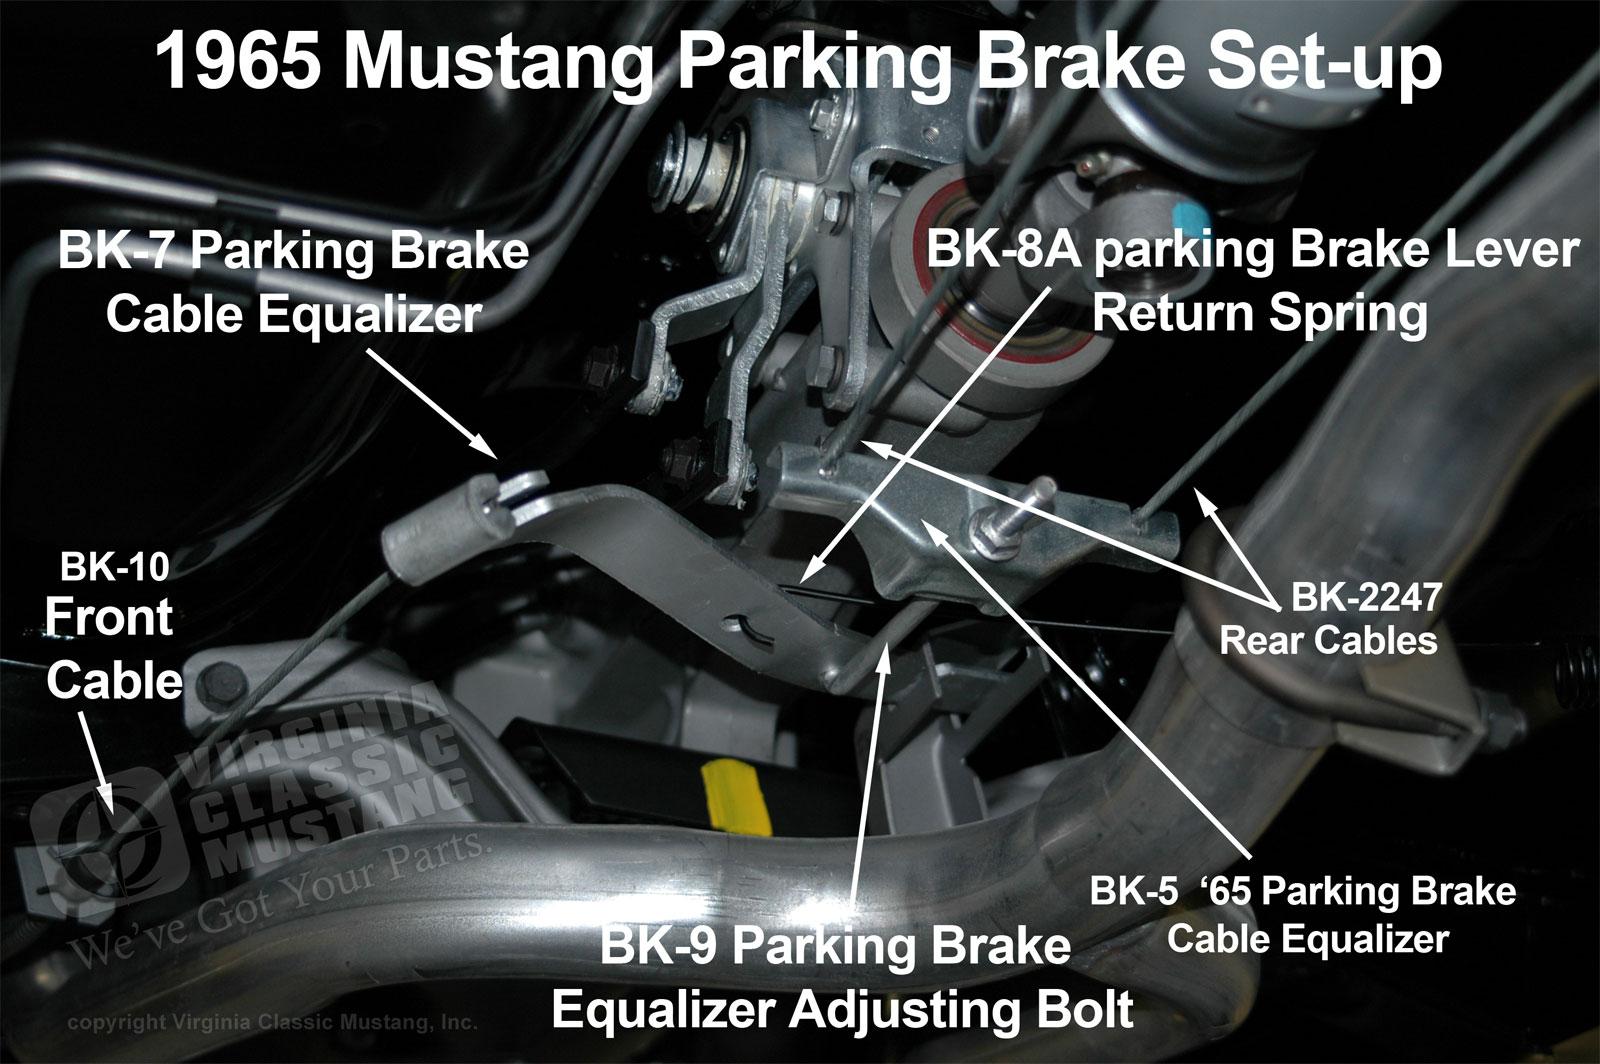 1965 mustang parking brake set up [ 1600 x 1064 Pixel ]